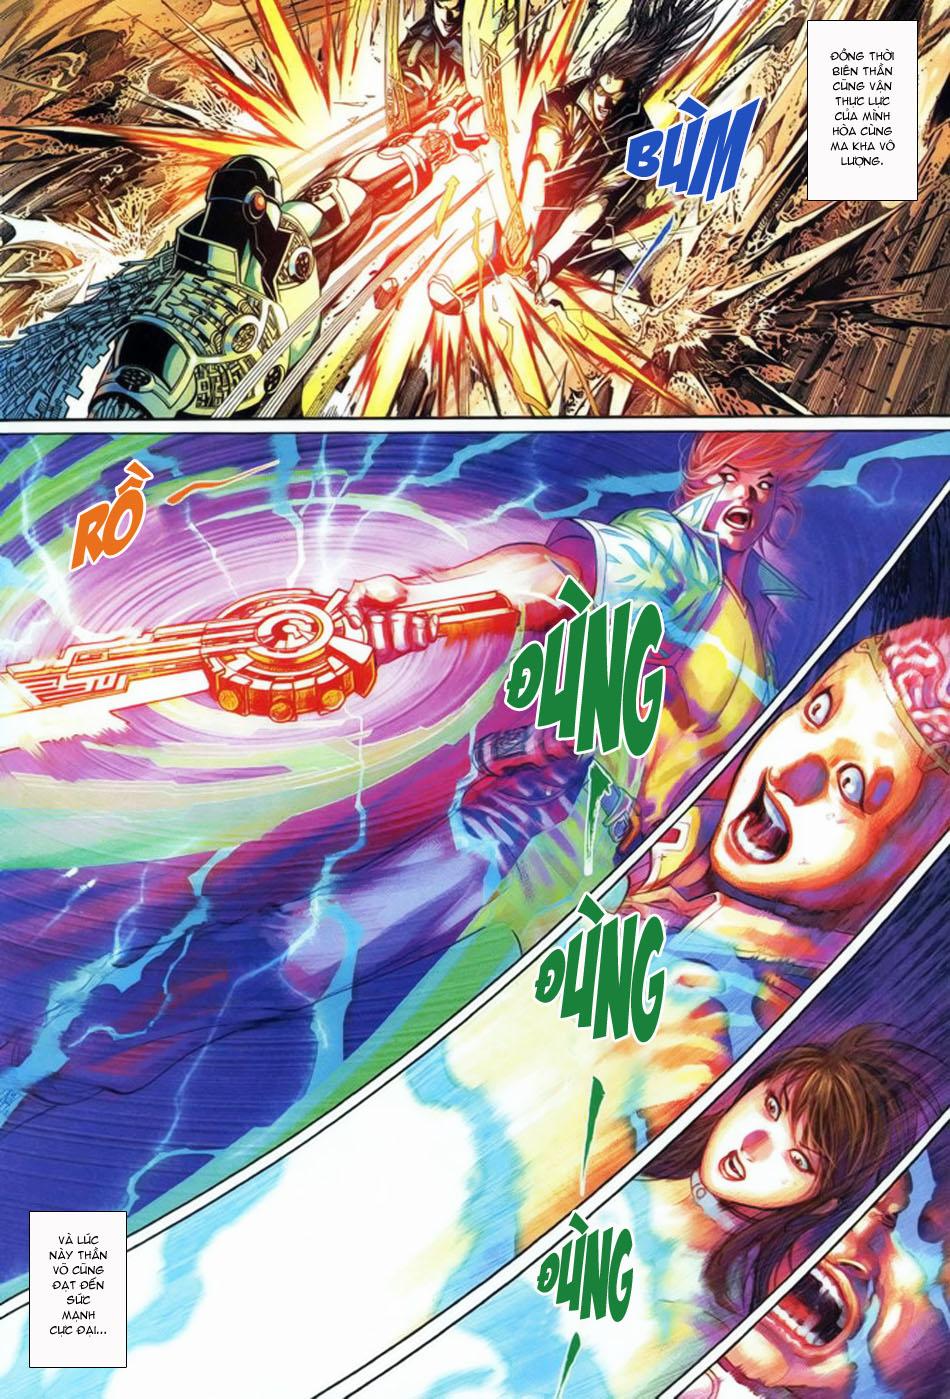 Phong Vân Tân Tác Thần Võ Ký Chap 5 - Next Chap 6